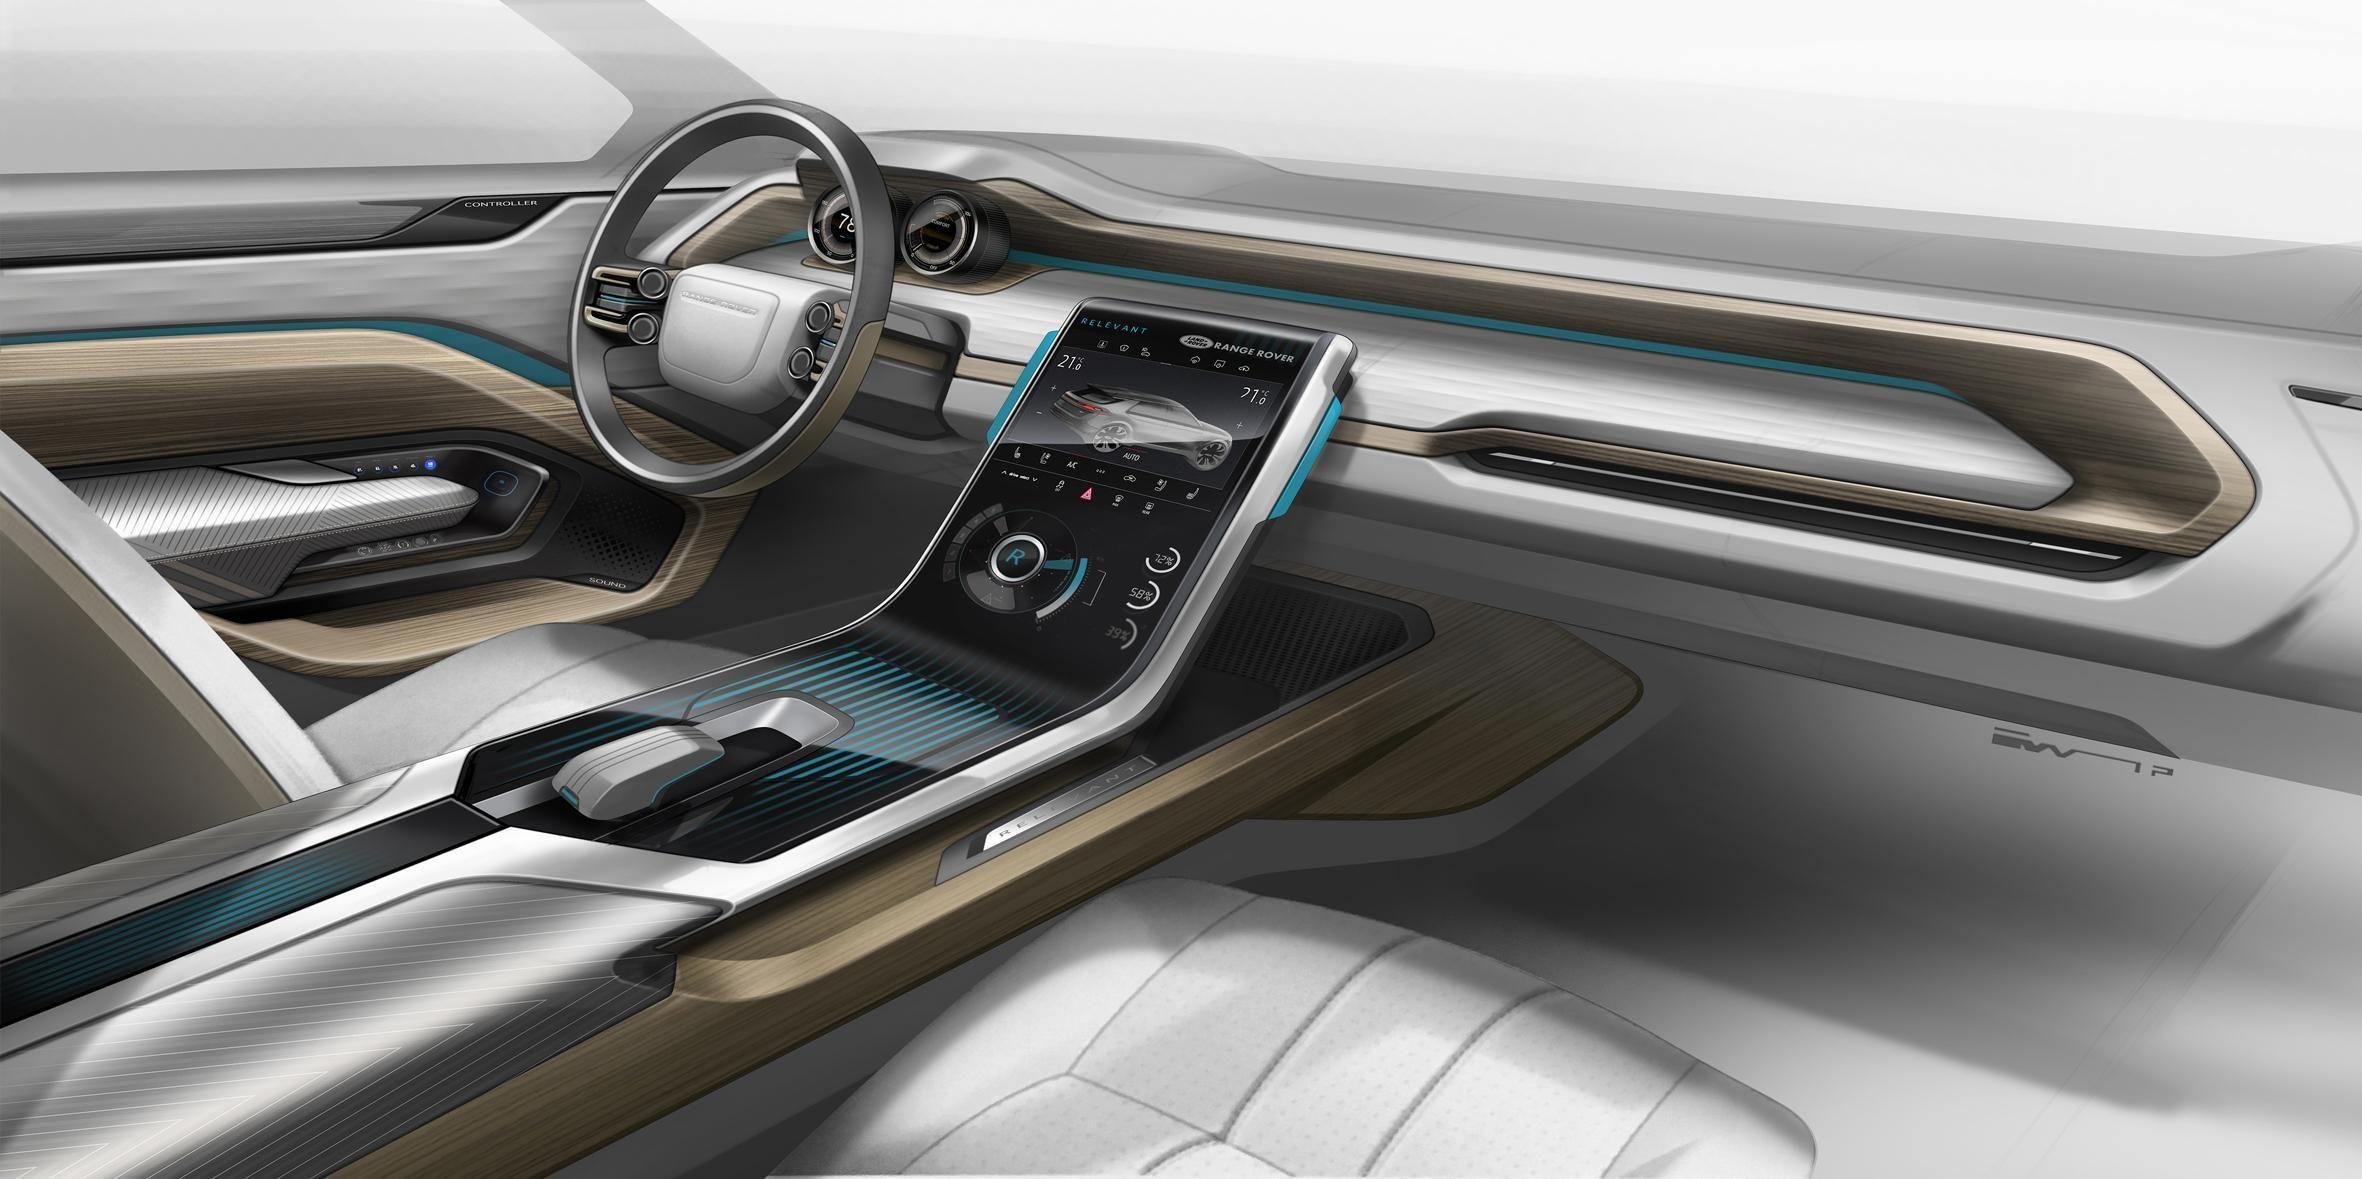 Pin By Solomon M On Auto Interior Concept Car Interior Car